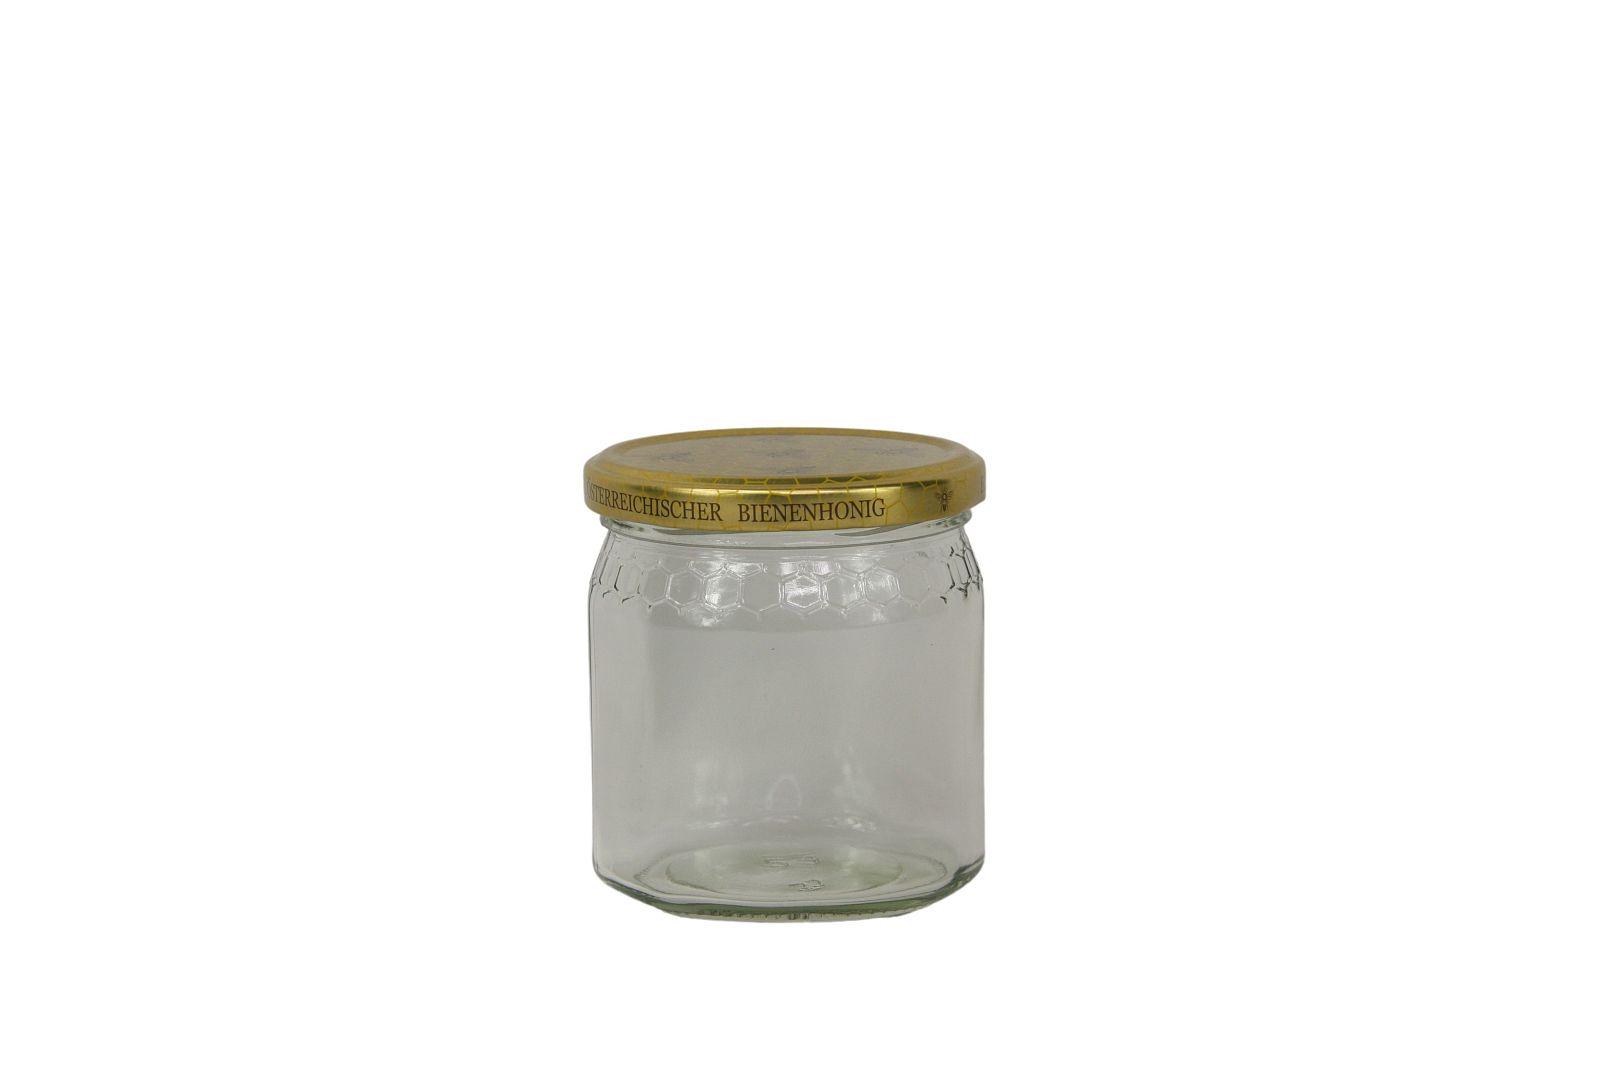 Honigglas 0,5kg Wabenmusterreihe